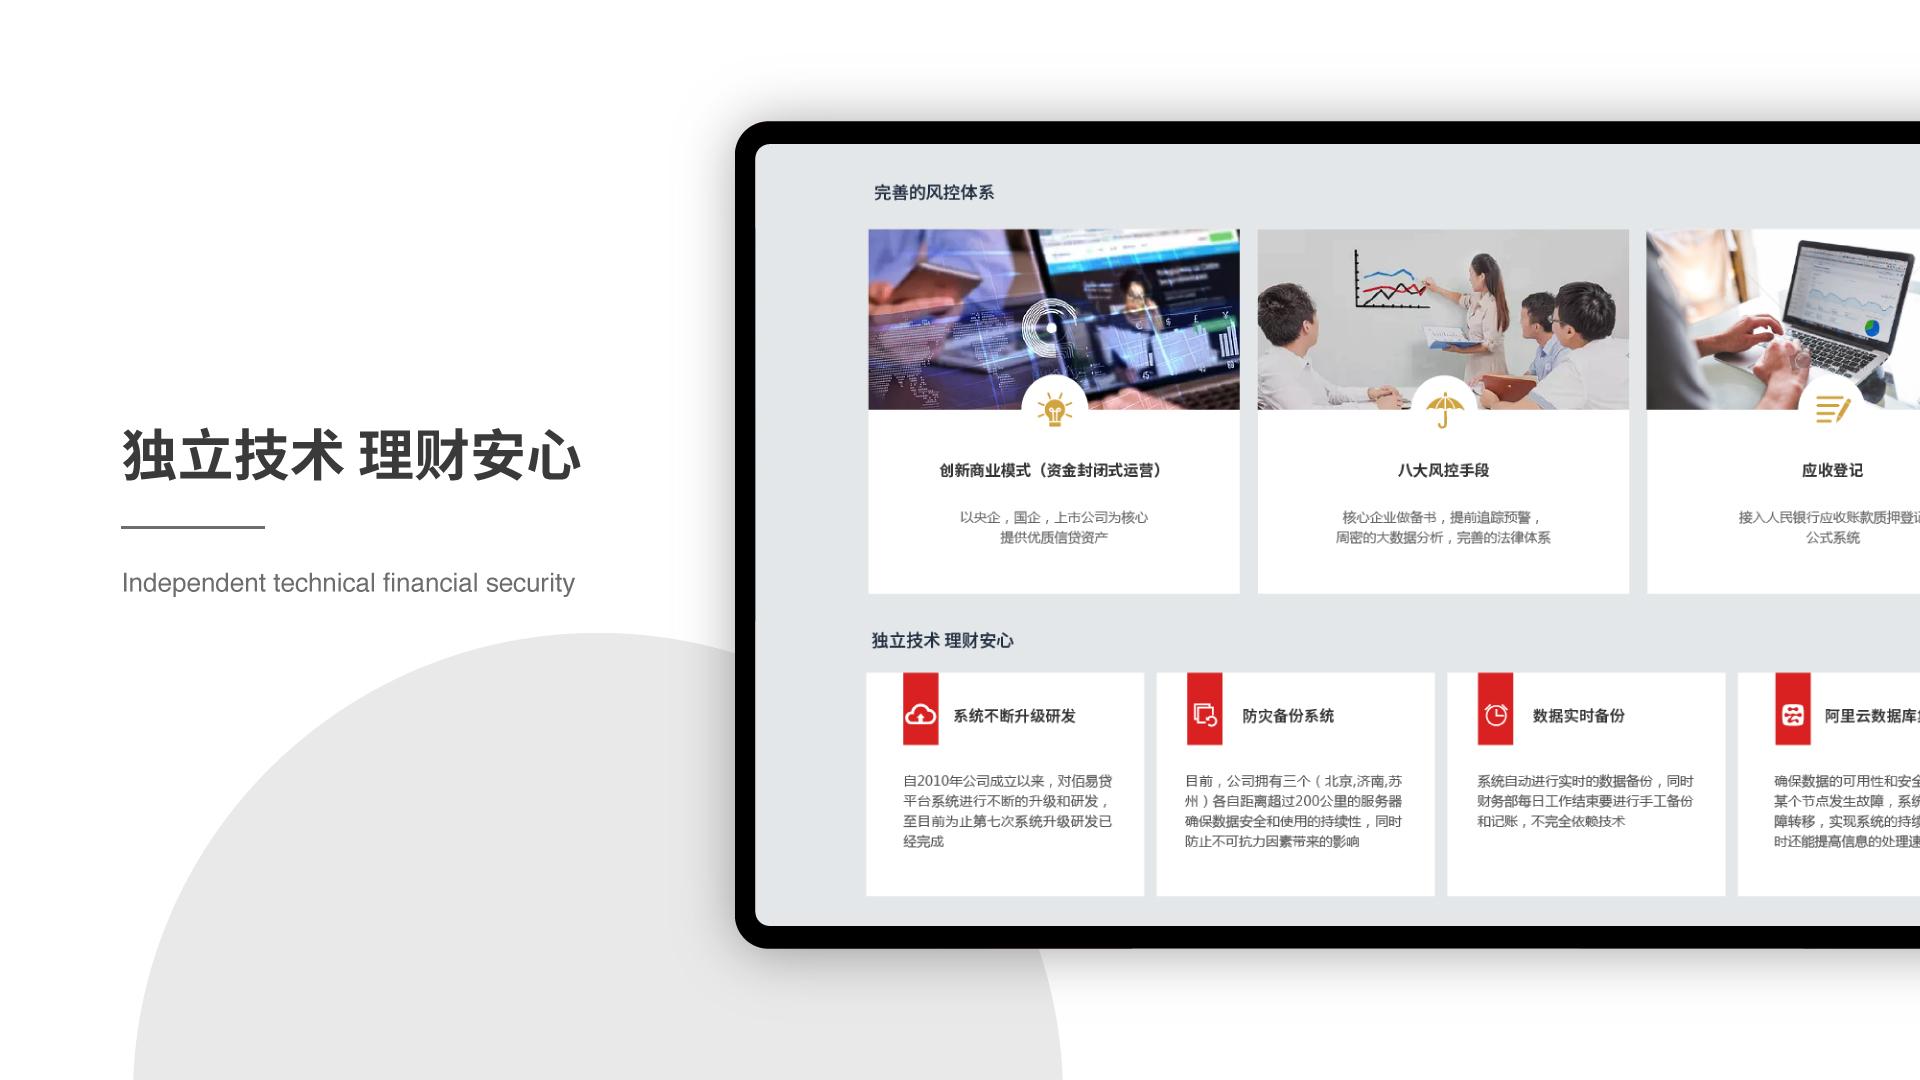 佰易贷网站UI设计